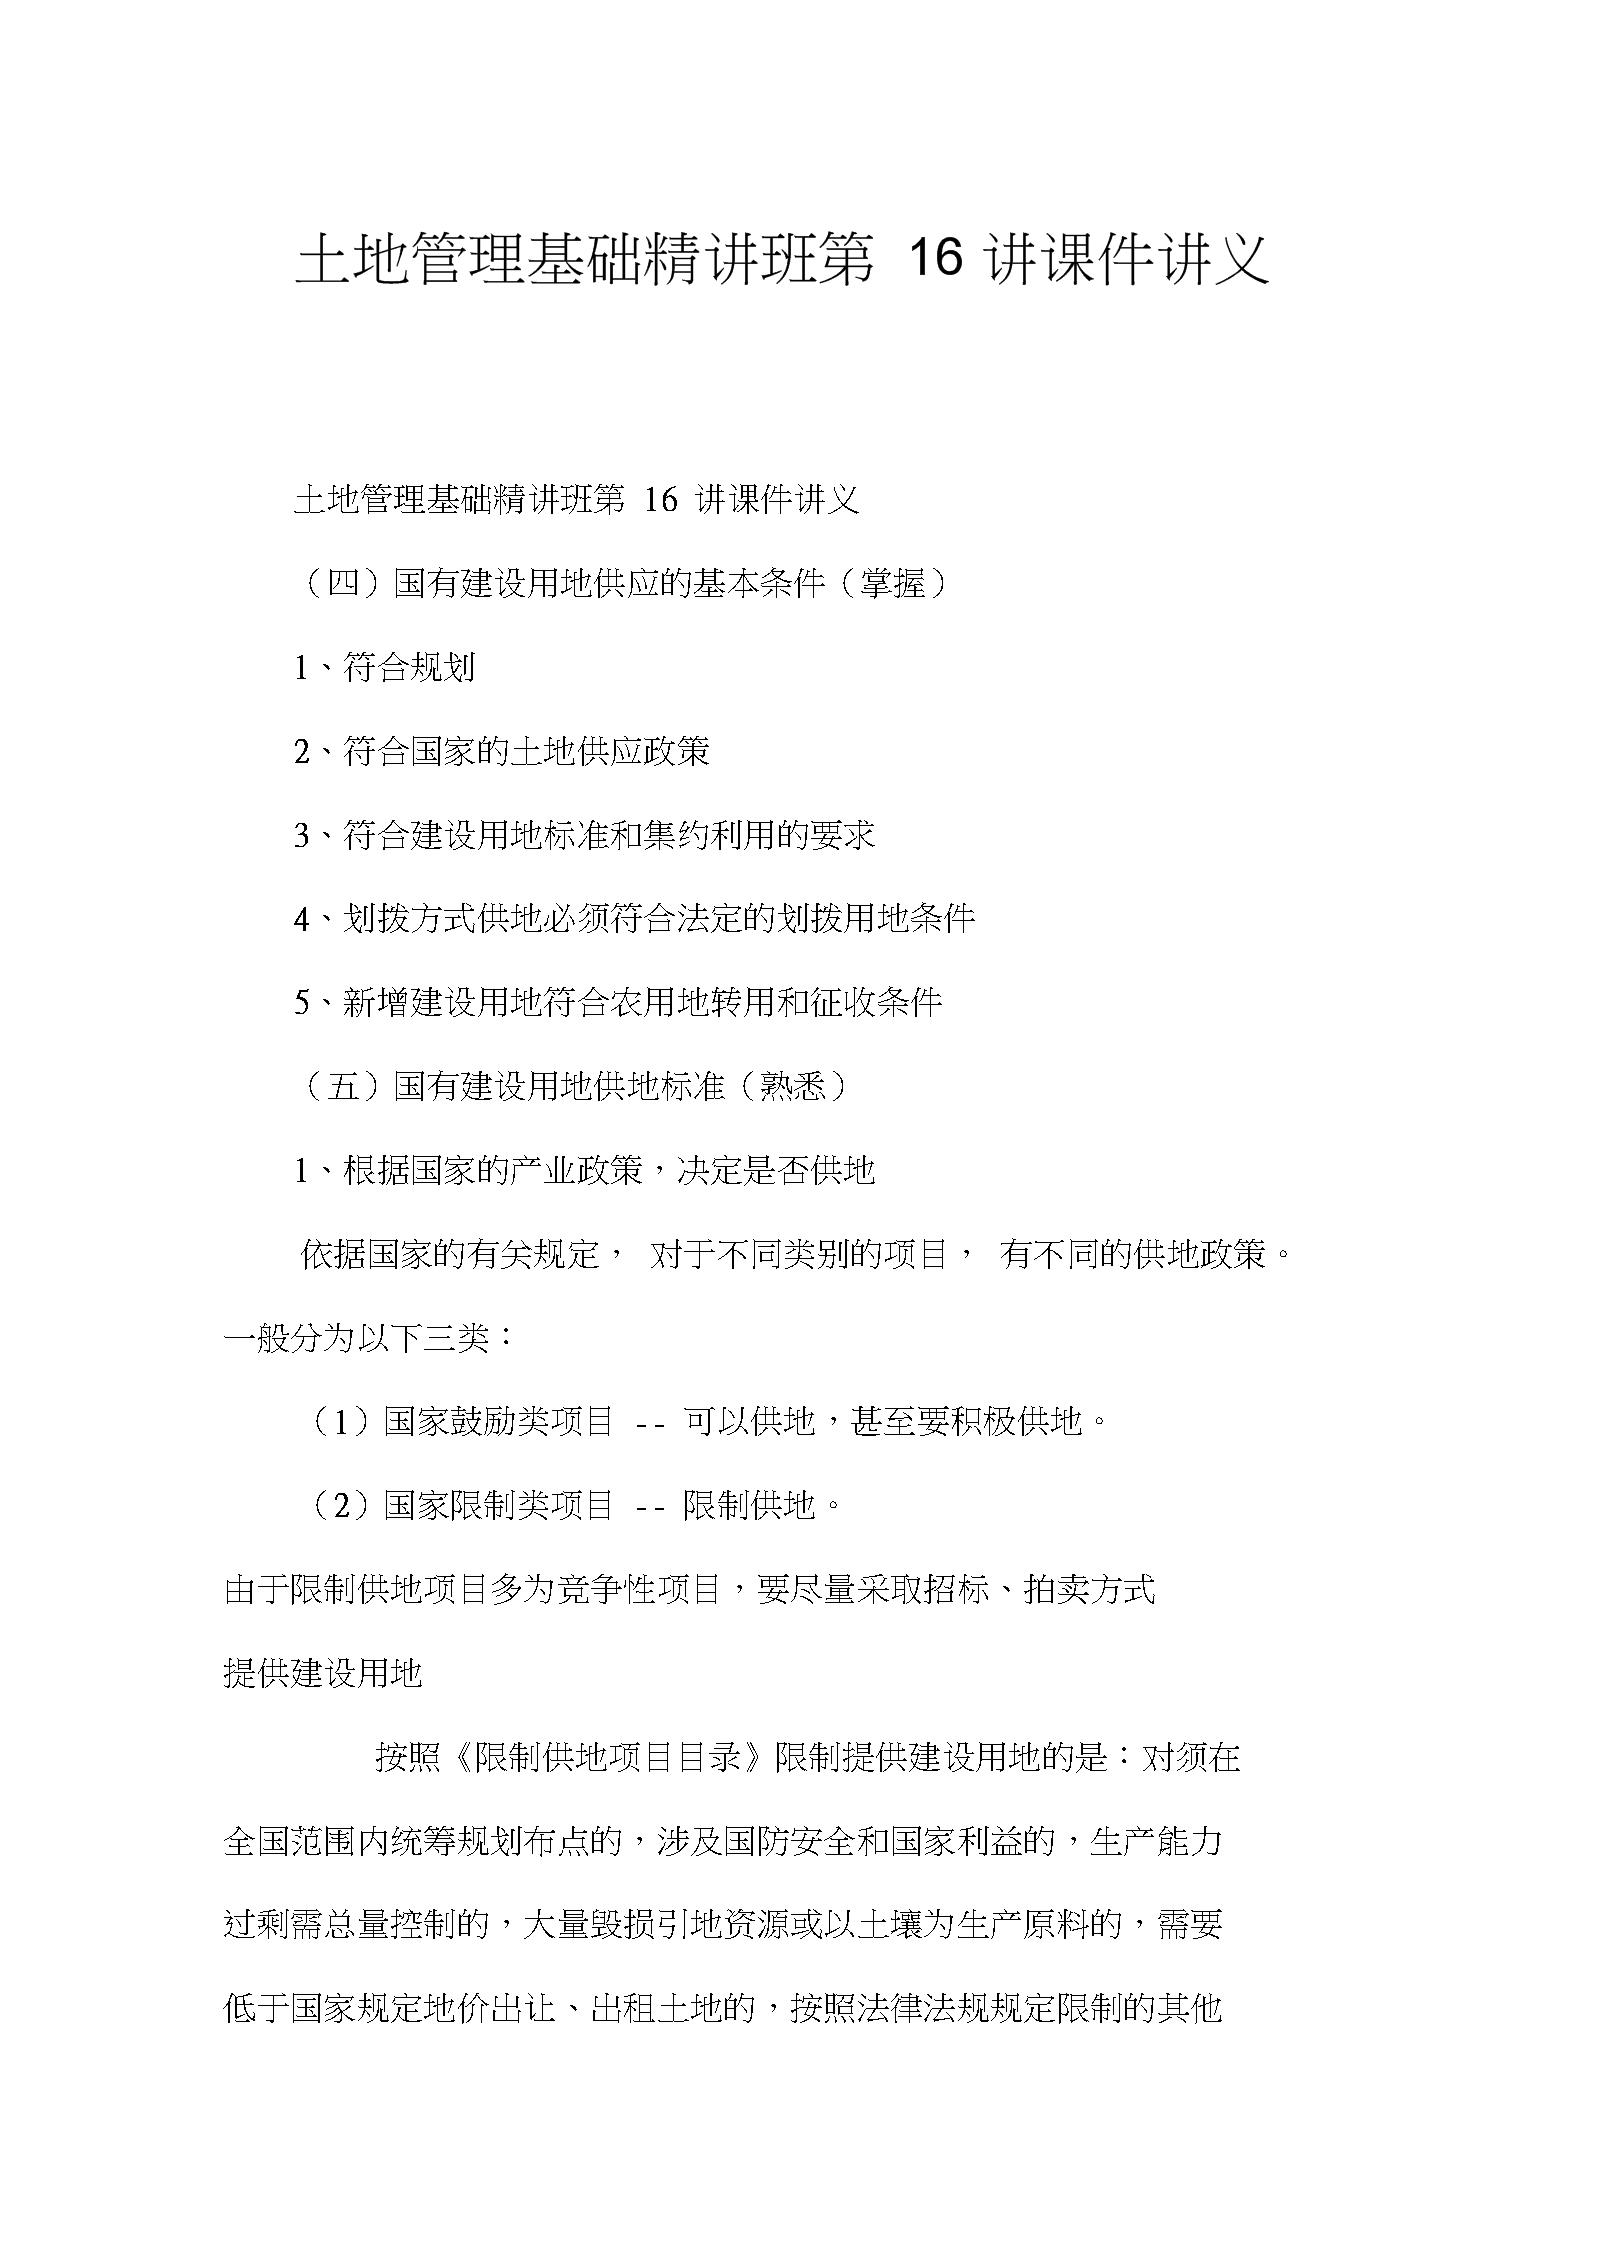 土地管理基础精讲班第16讲课件讲义.docx